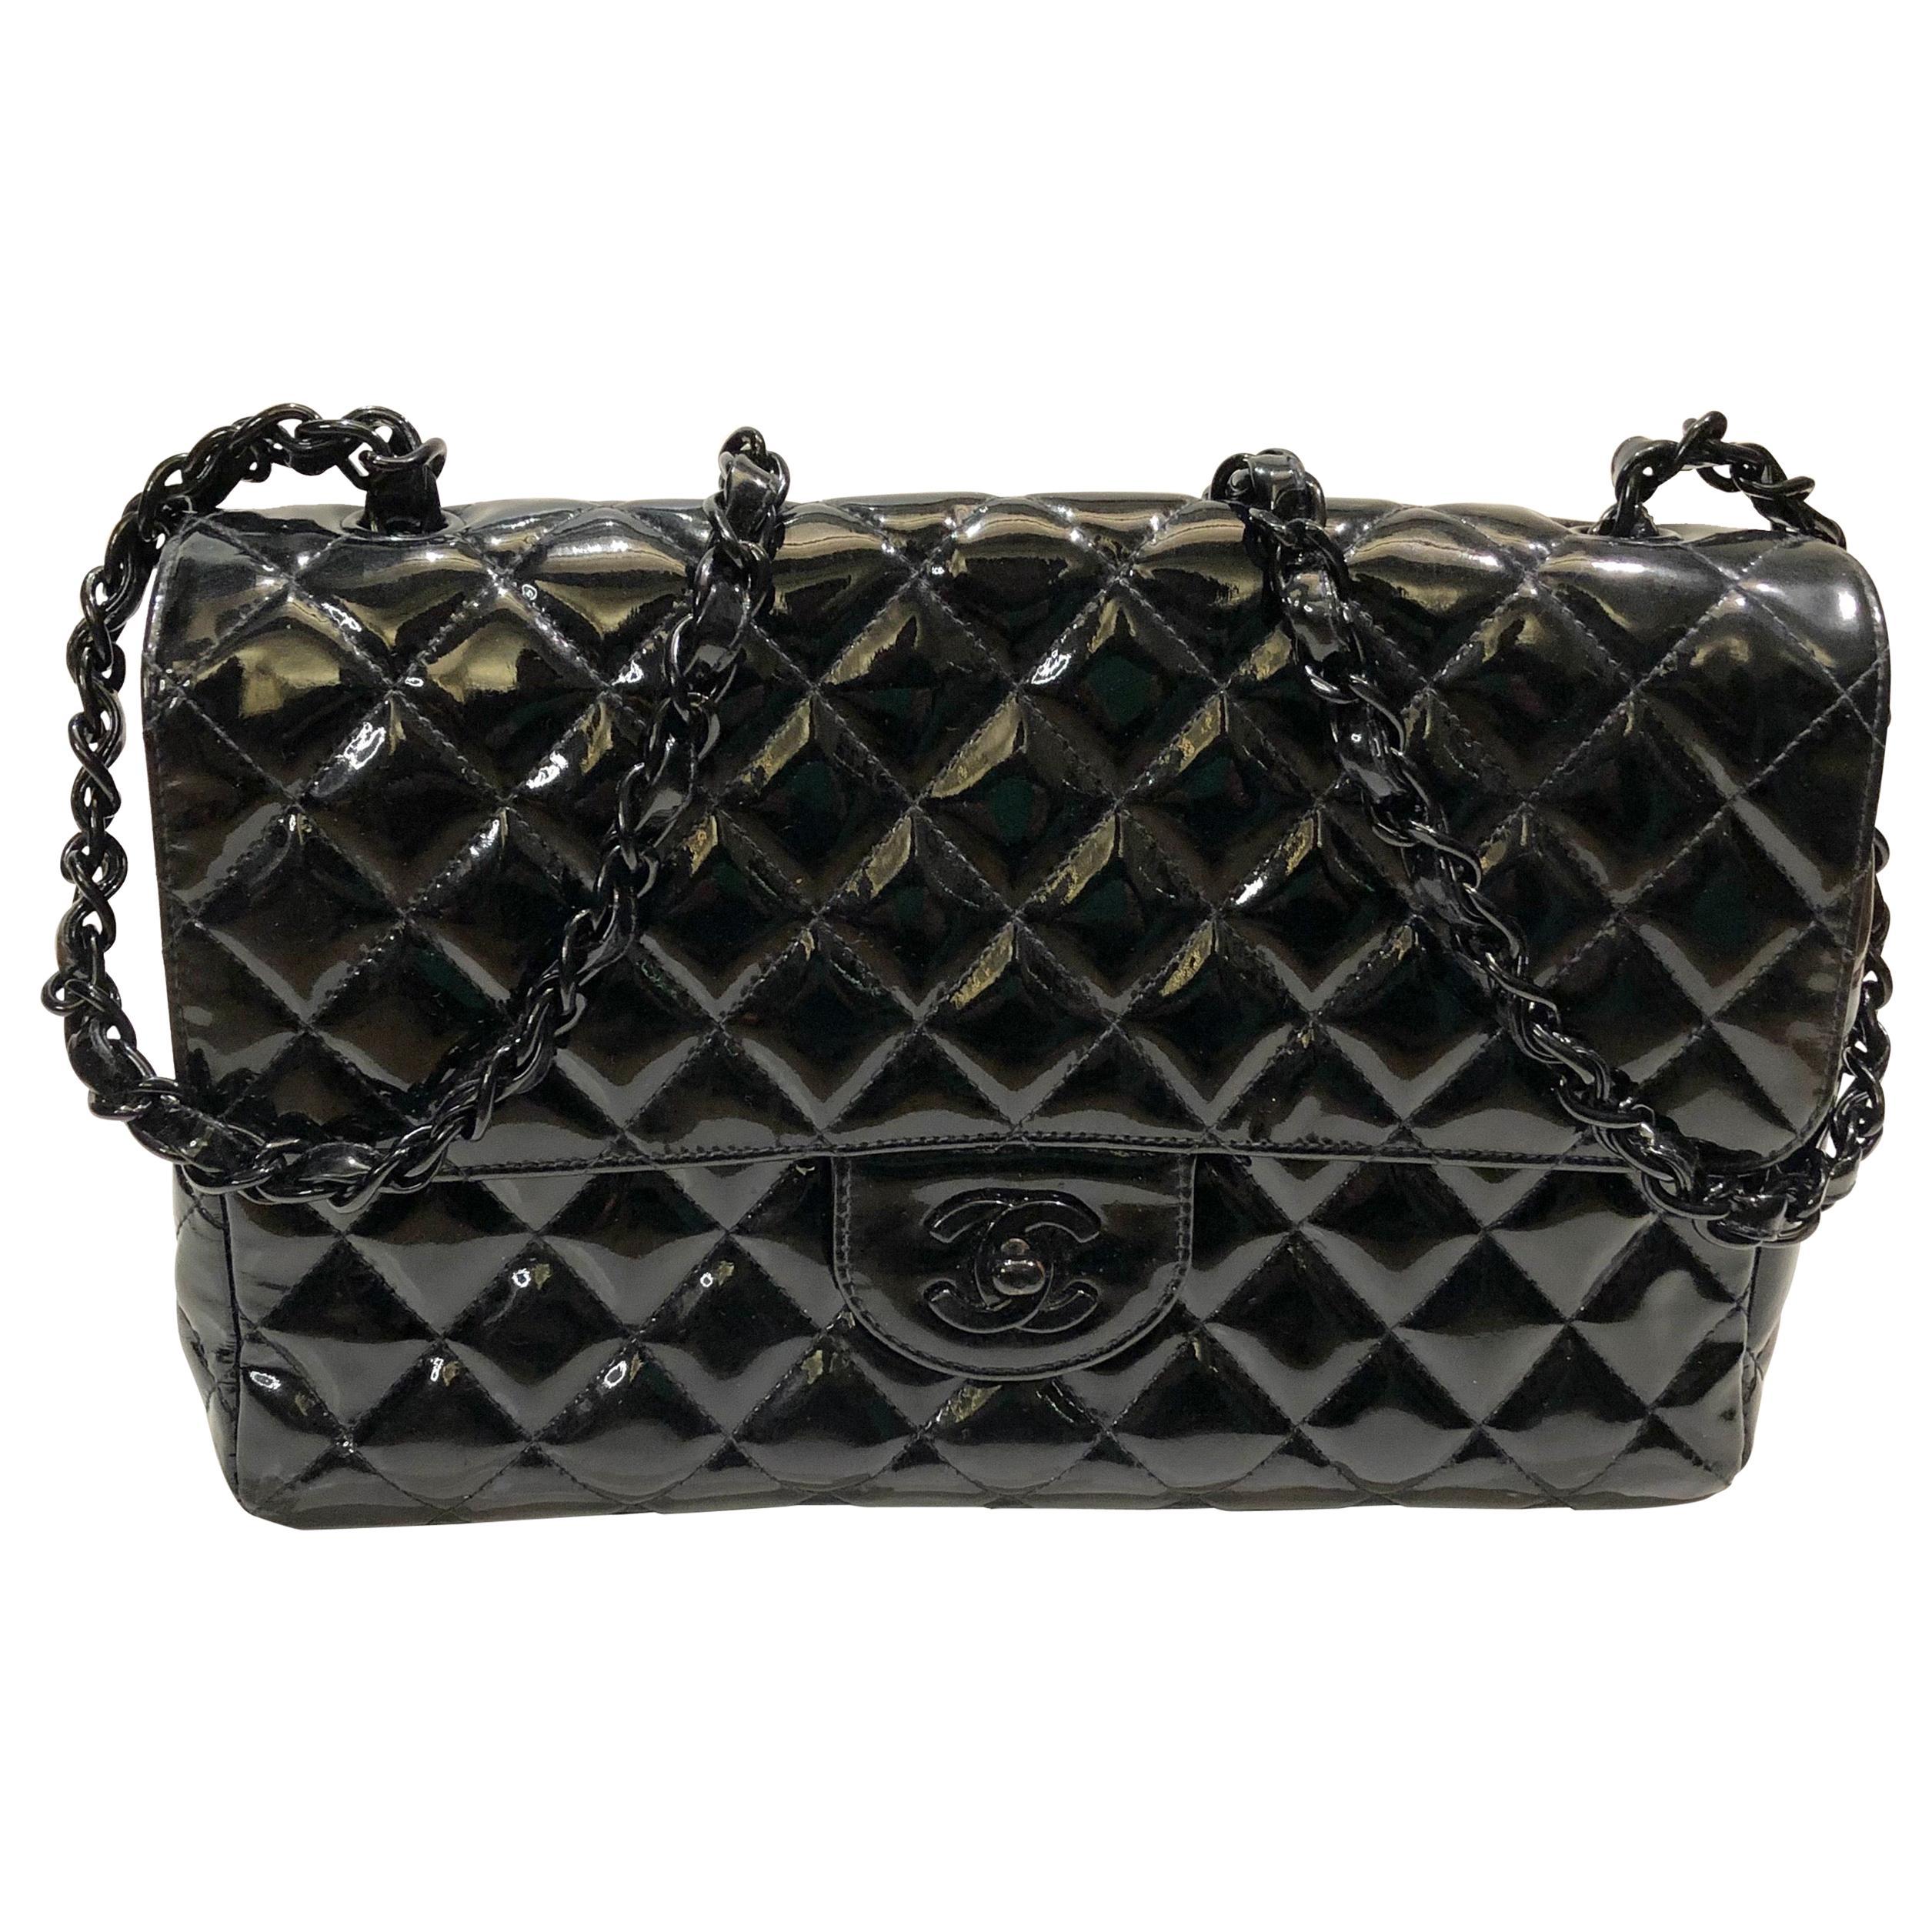 Vintage 90s Chanel Black Patent Leather Shoulder Flap Bag